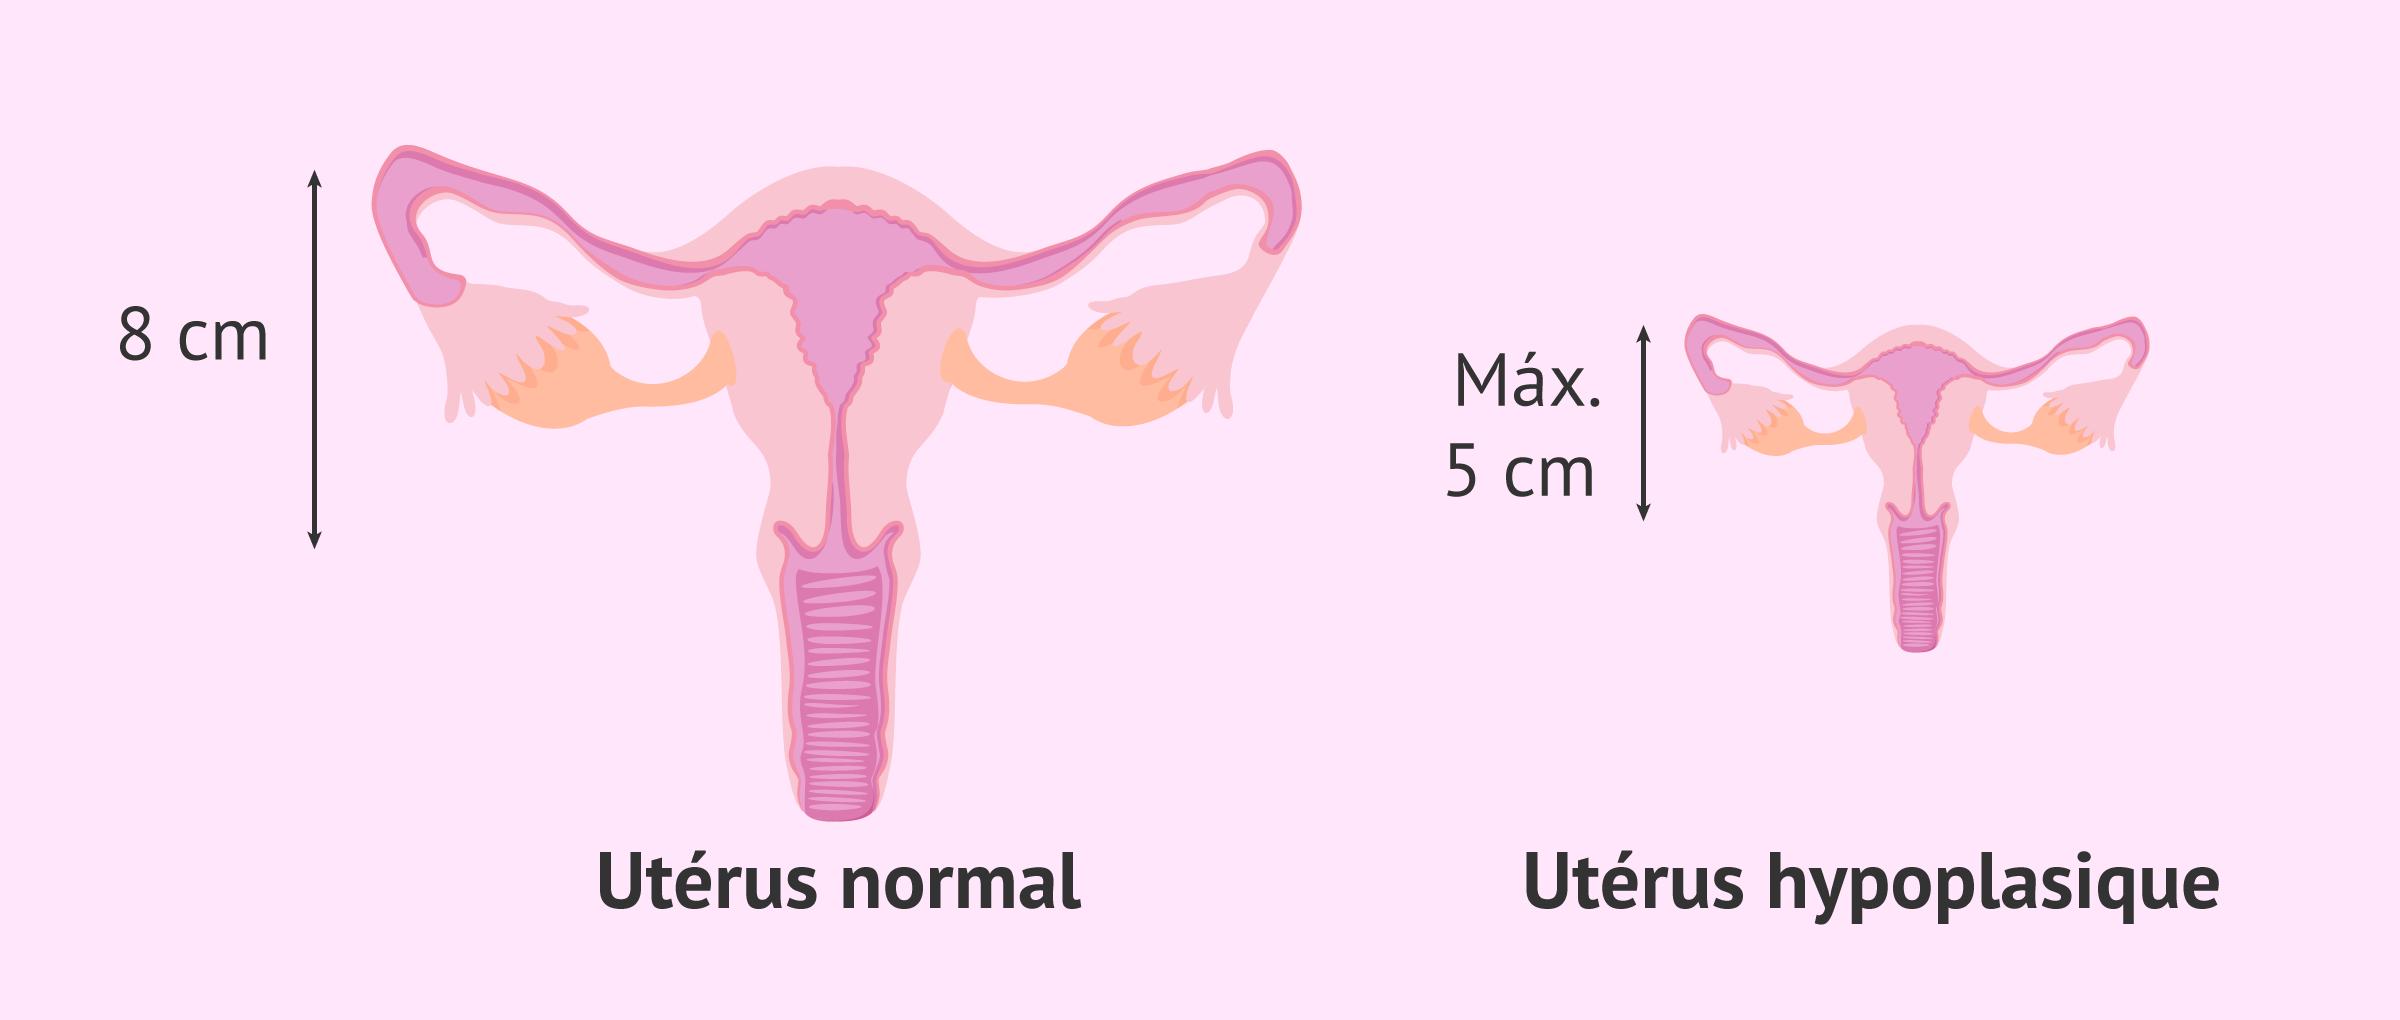 Qu'est-ce que l'utérus infantile et quelle est la probabilité d'une grossesse?